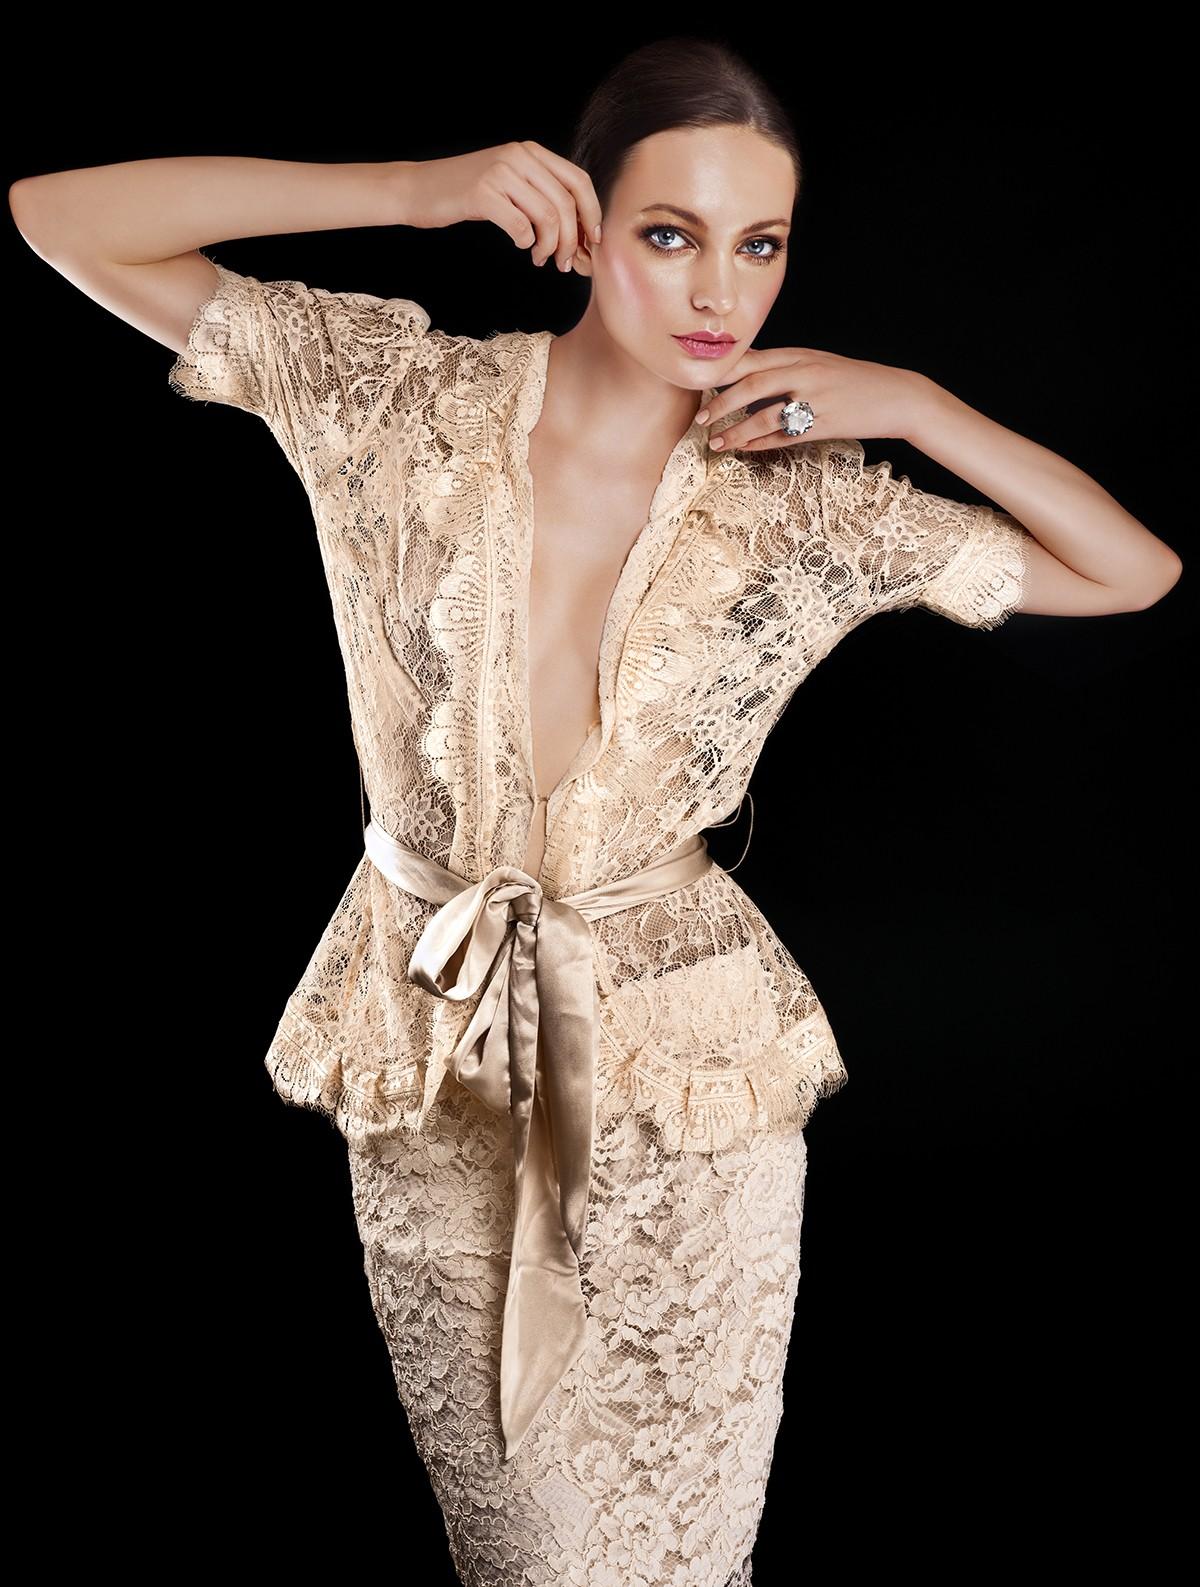 Такая юбка выглядит очень элегантно и оригинально! Подборка очень красивых юбок украшенных кружевом